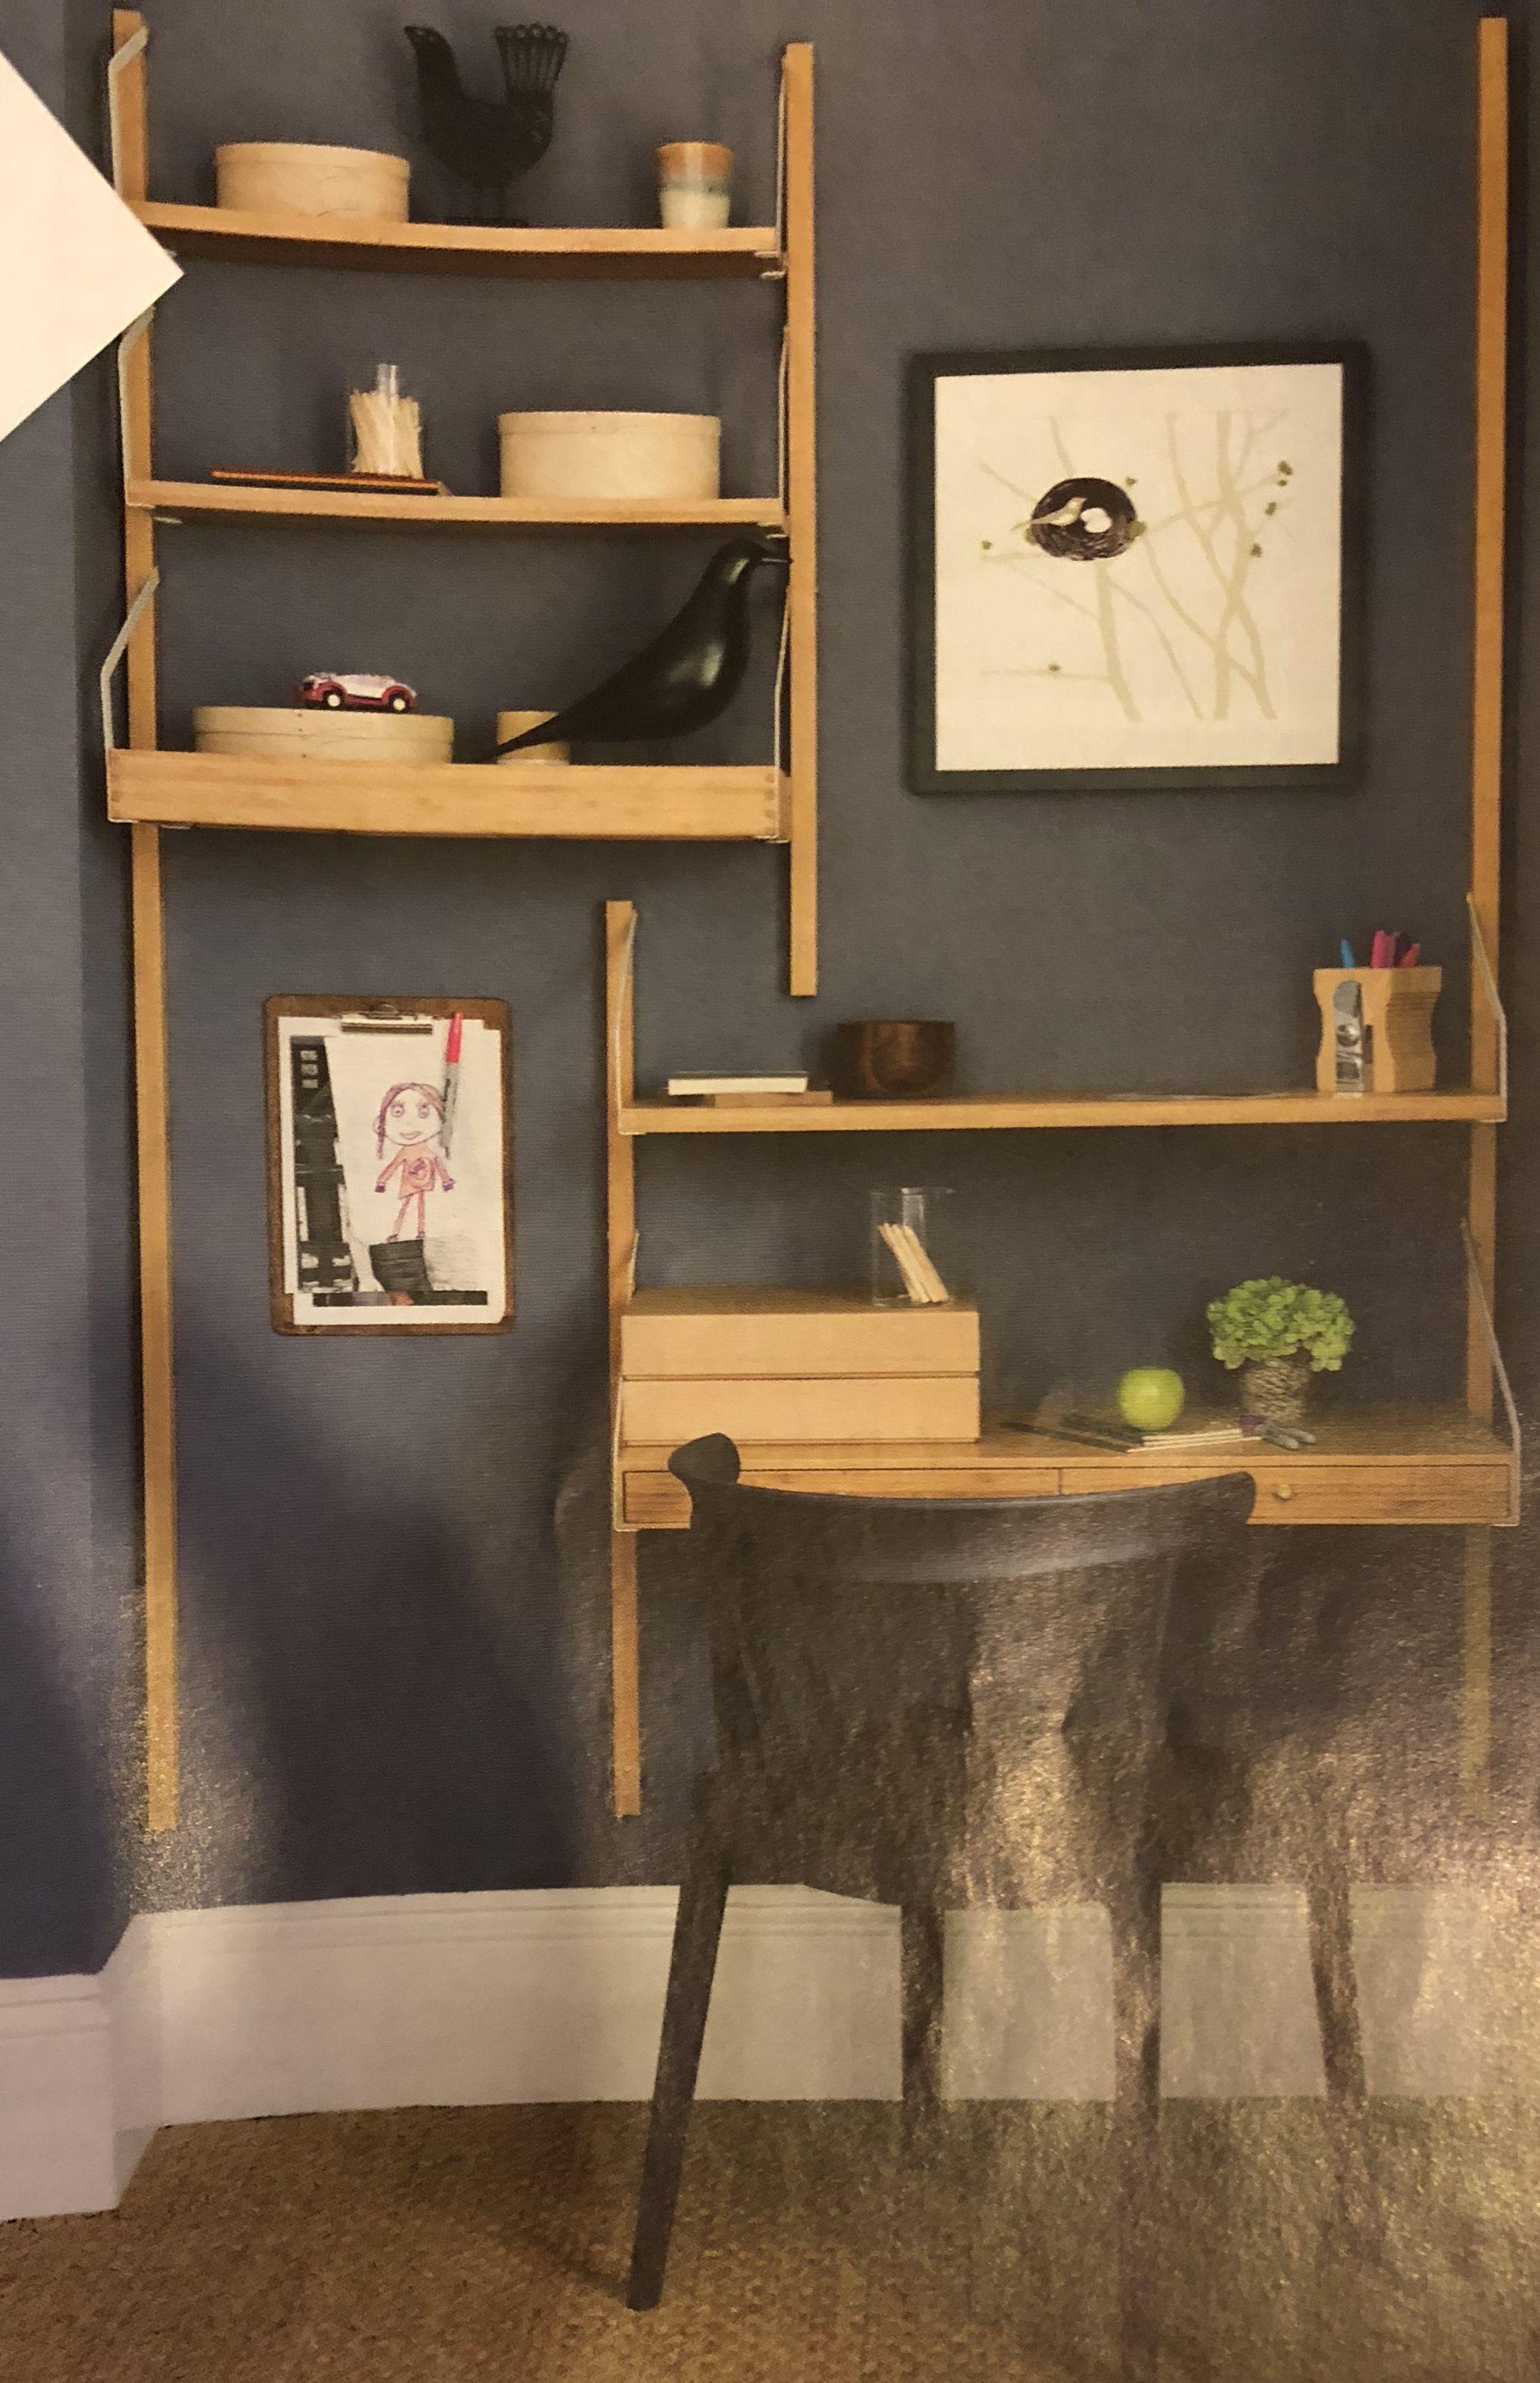 Ikea svalnas range Interieur, Voor het huis, Huis